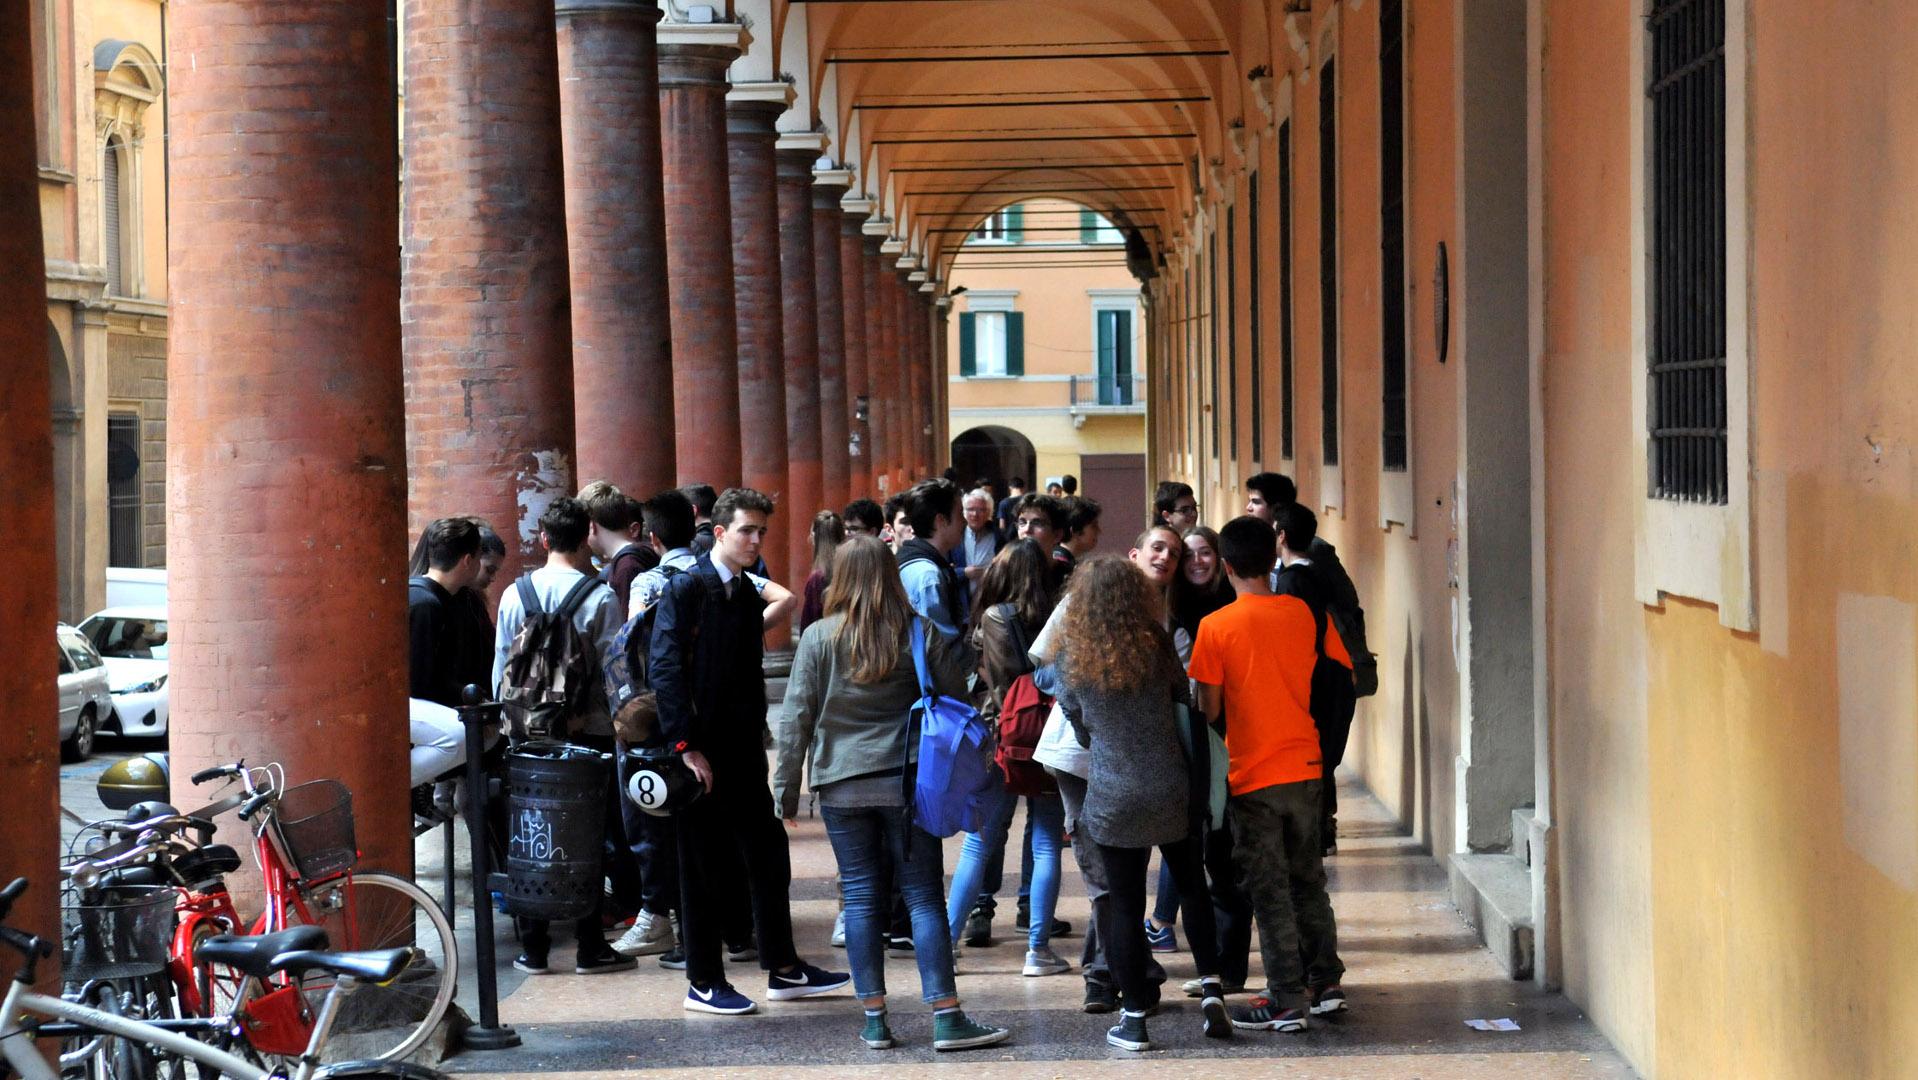 Aperto il bando per borse di studio a studenti in condizioni economiche disagiate